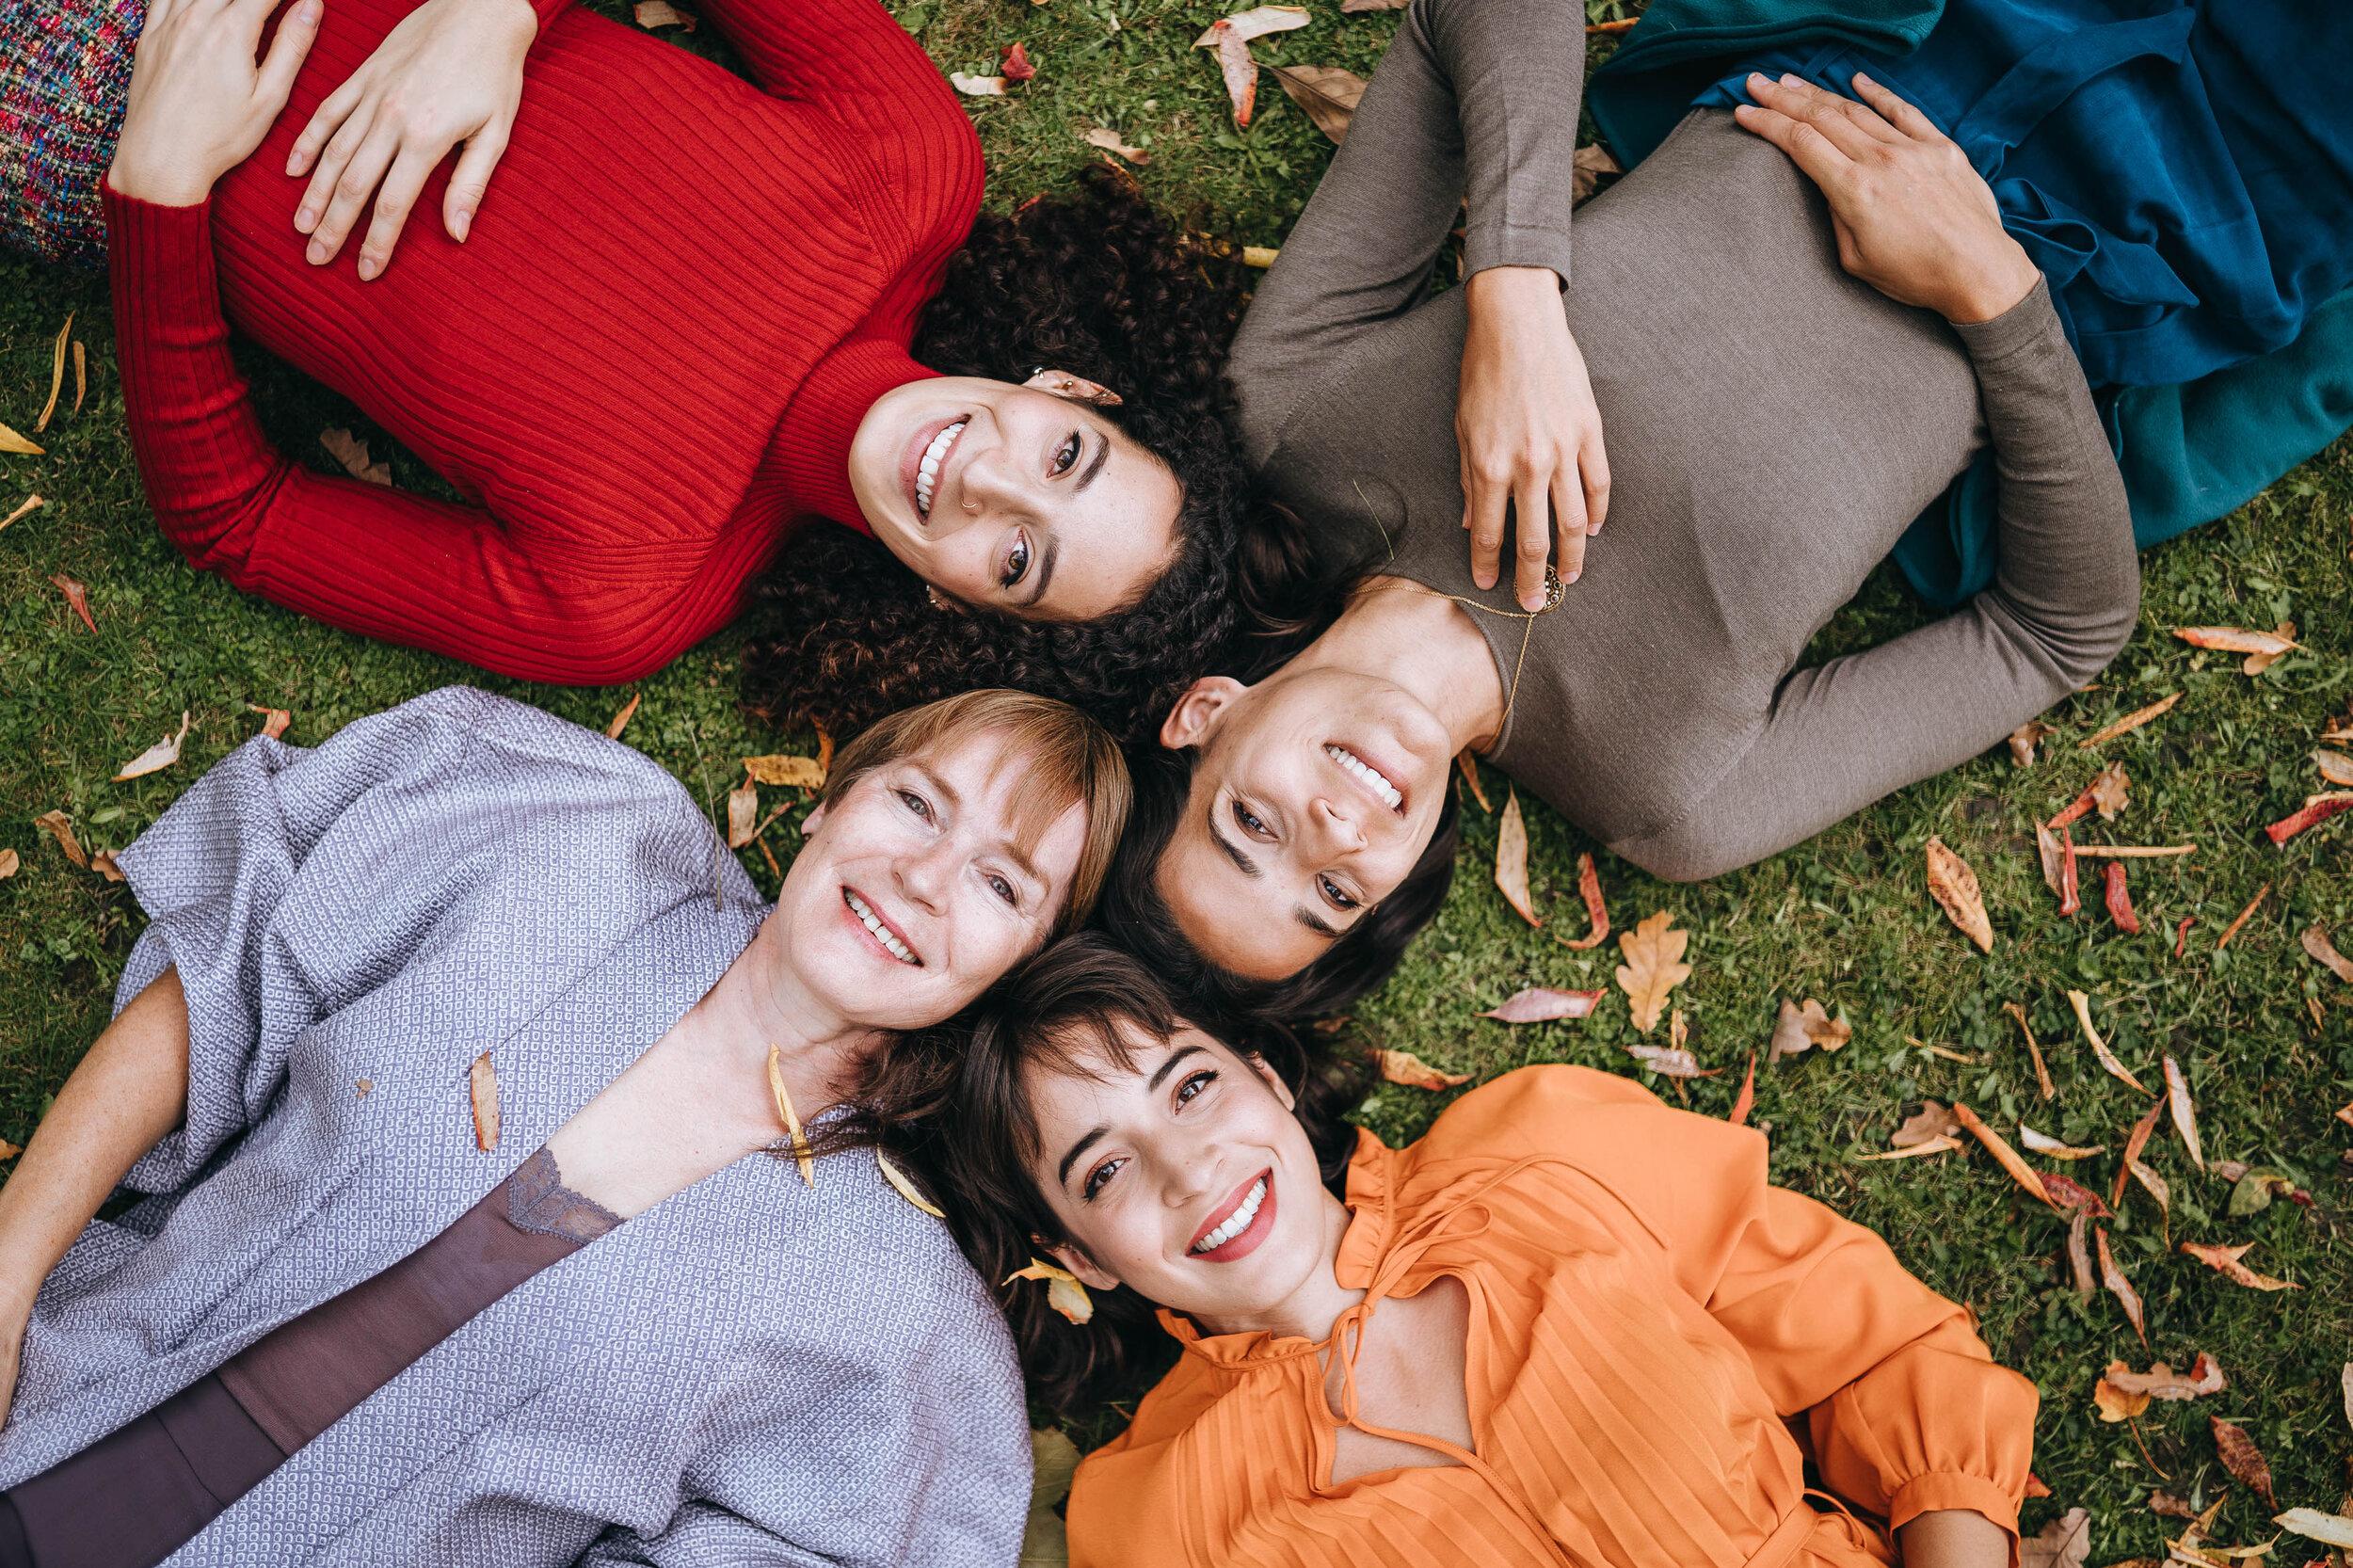 photographe-bruxelles-portrait-famille-automne-11.jpg